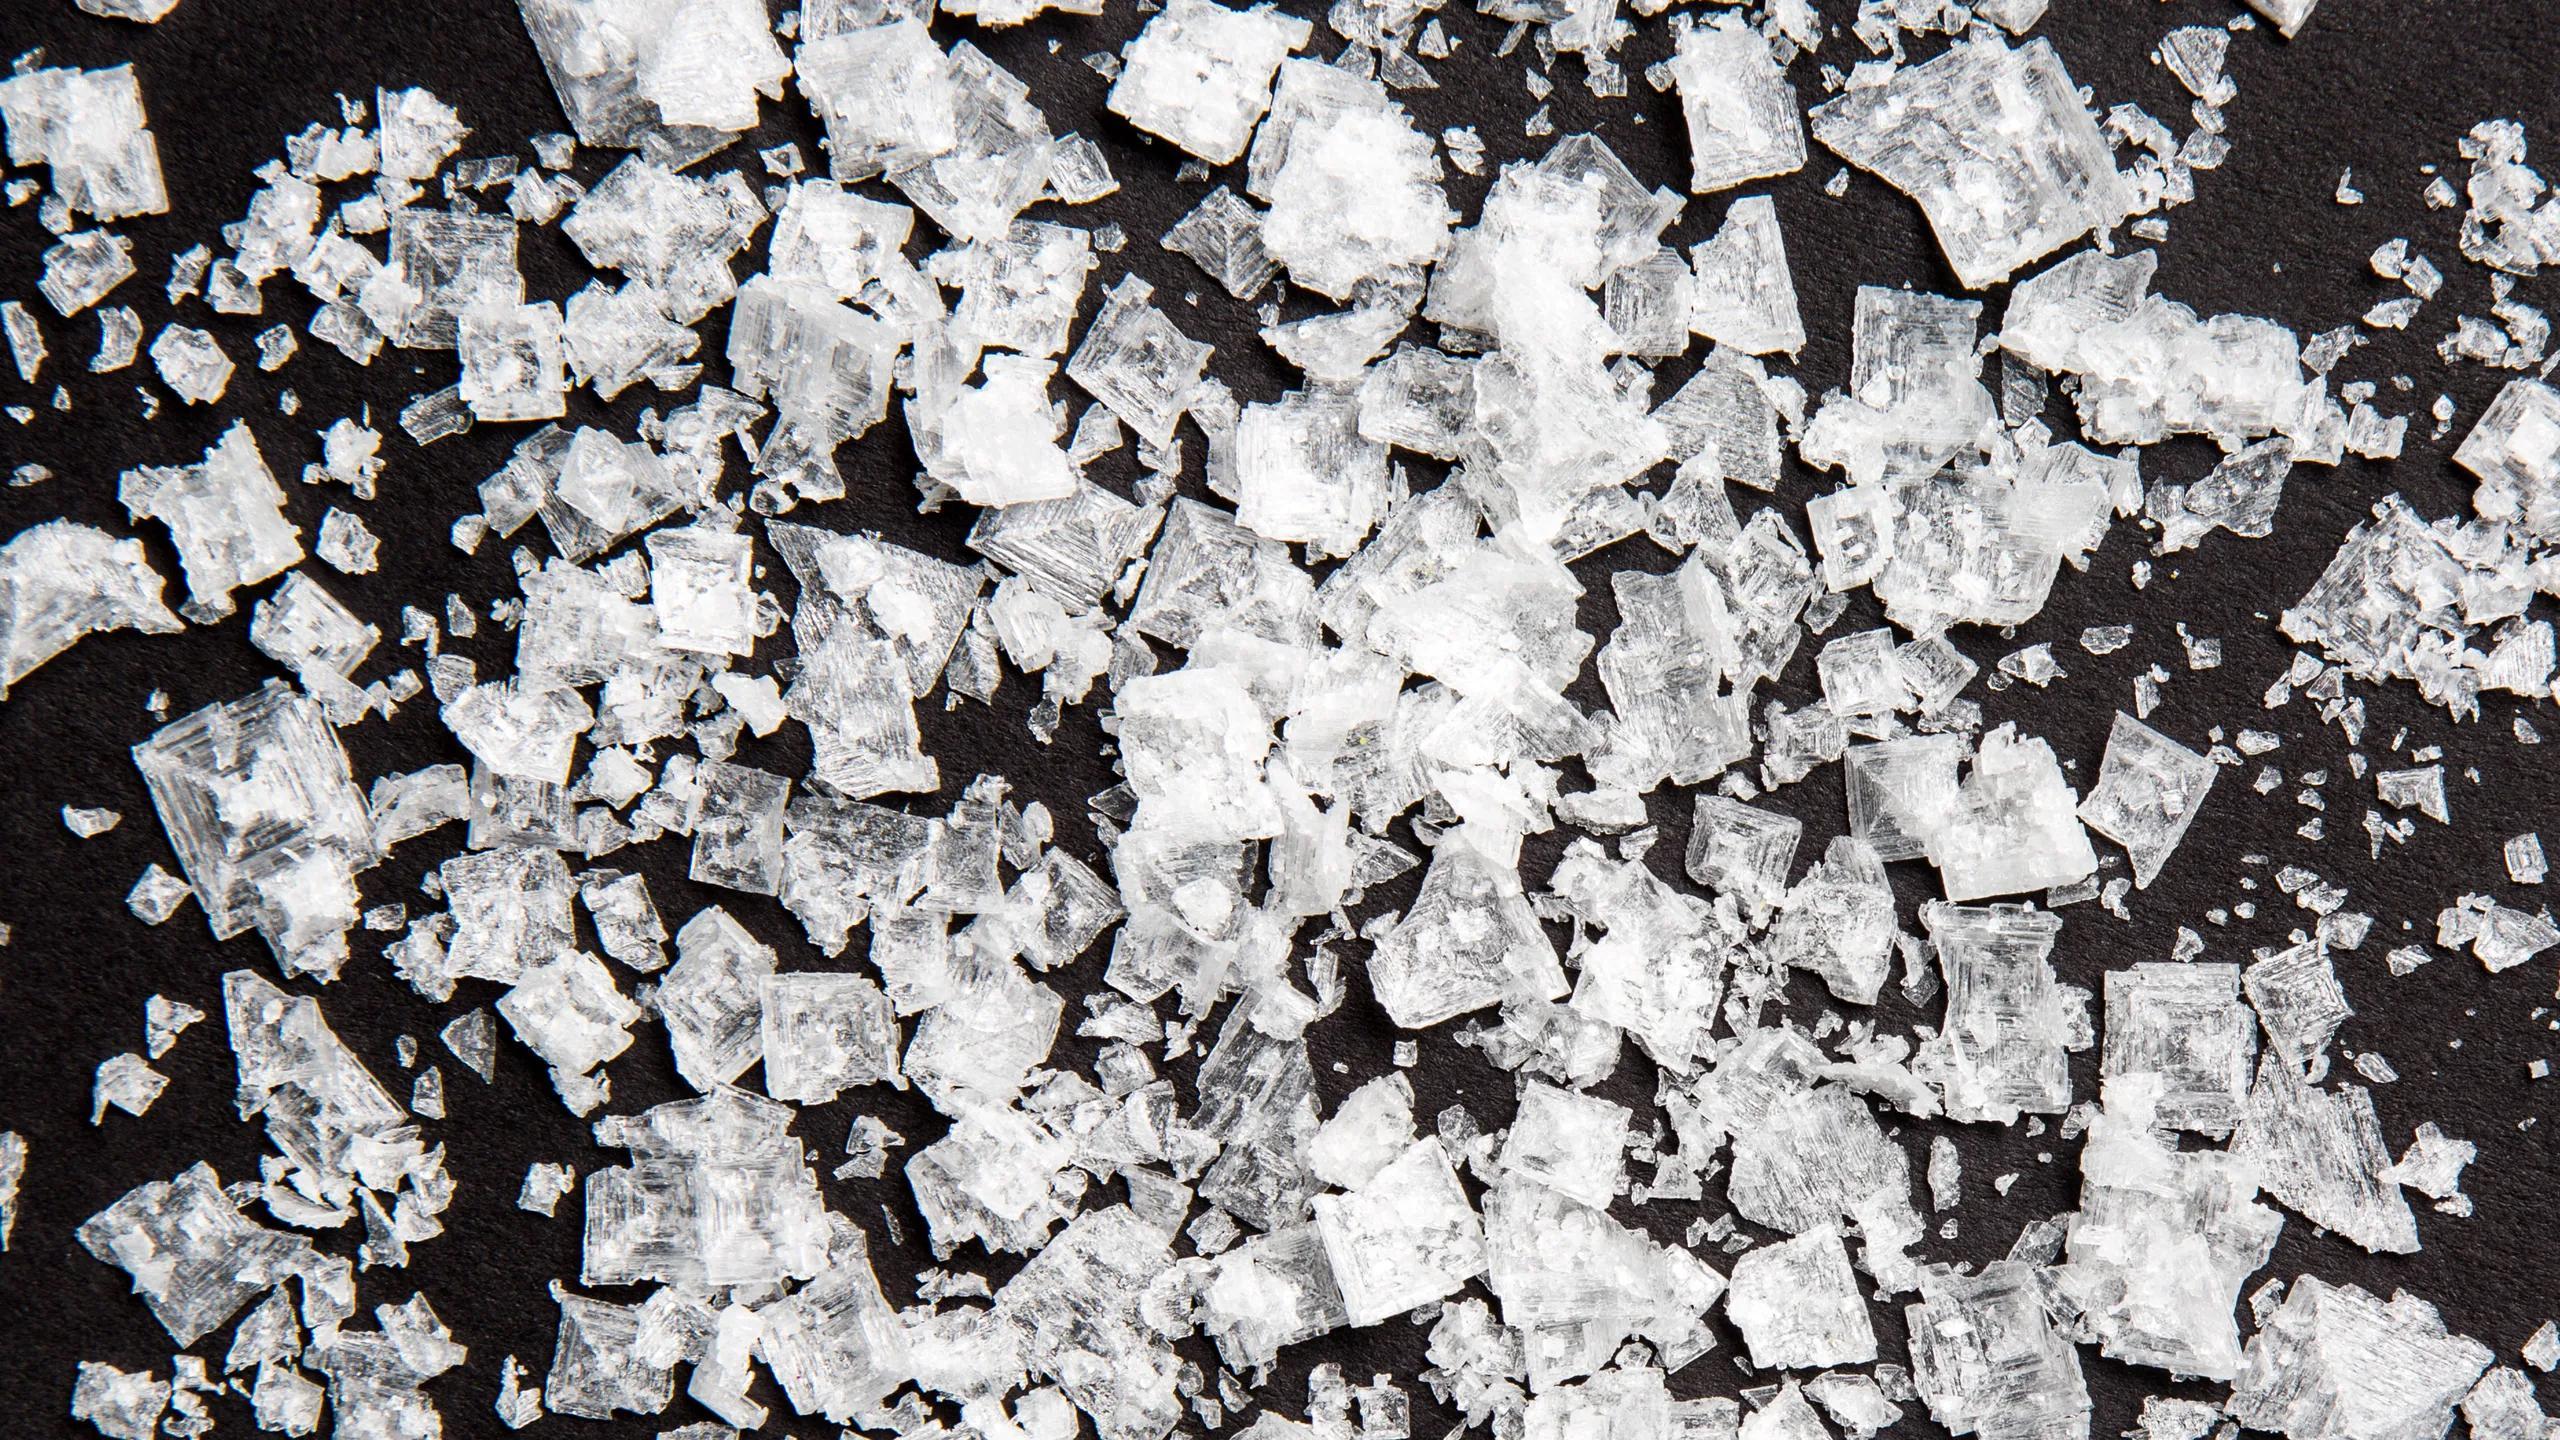 Испытания подтвердили вред соли и пользу солезаменителей